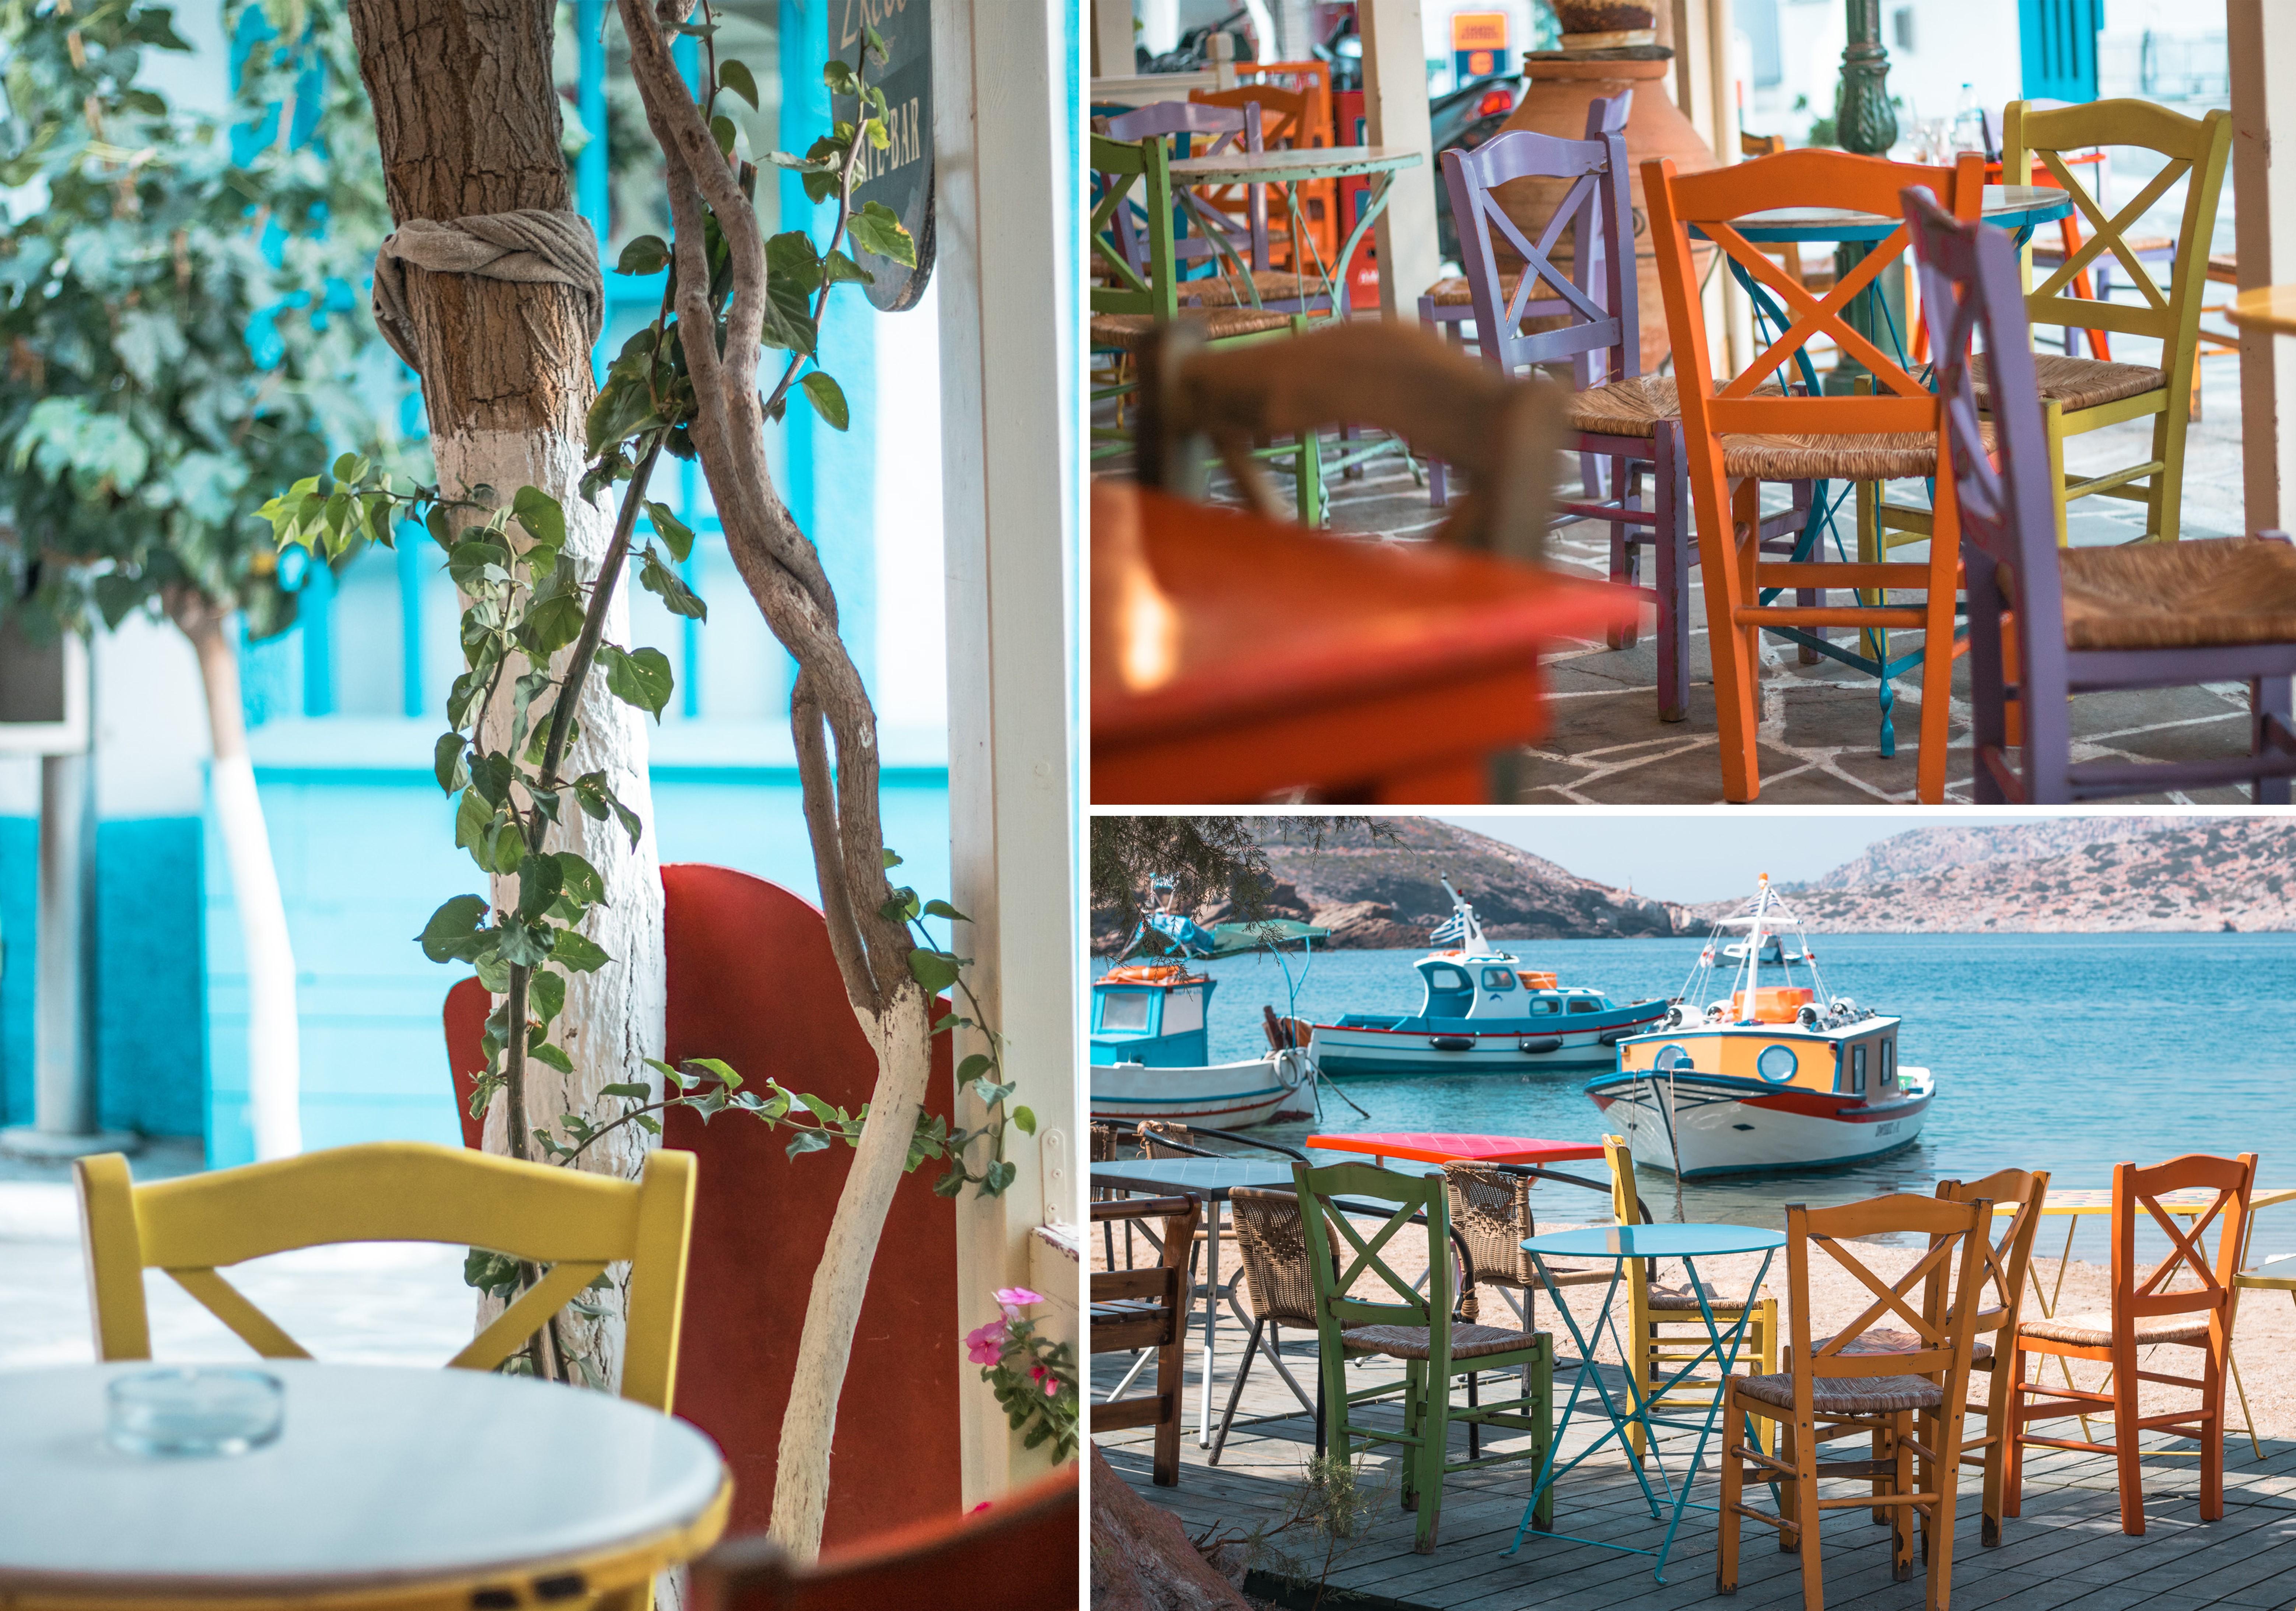 Inselhüpfen auf der farbenfrohen Insel Fourni - bunte Stühle und Tische erzeugen einfach ein geniales Sommergefühl